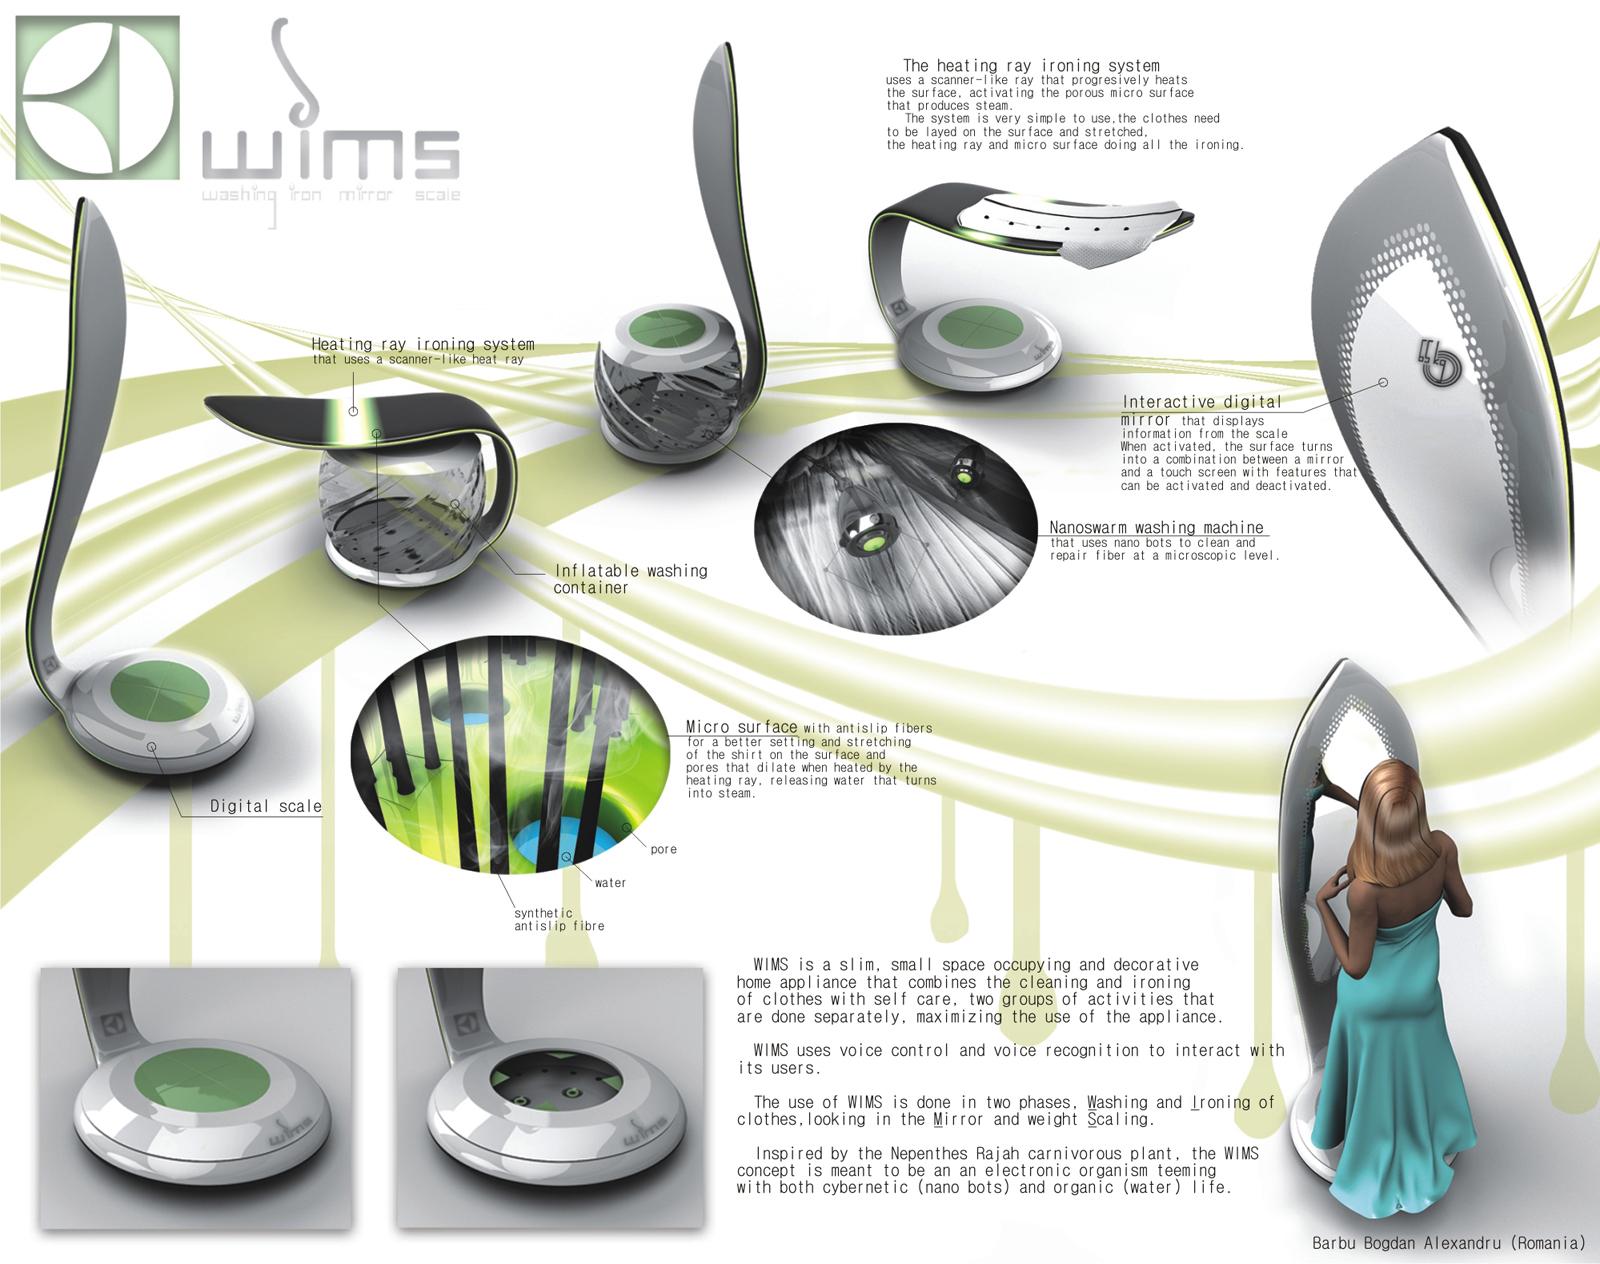 product design by barbu alexandru design at. Black Bedroom Furniture Sets. Home Design Ideas